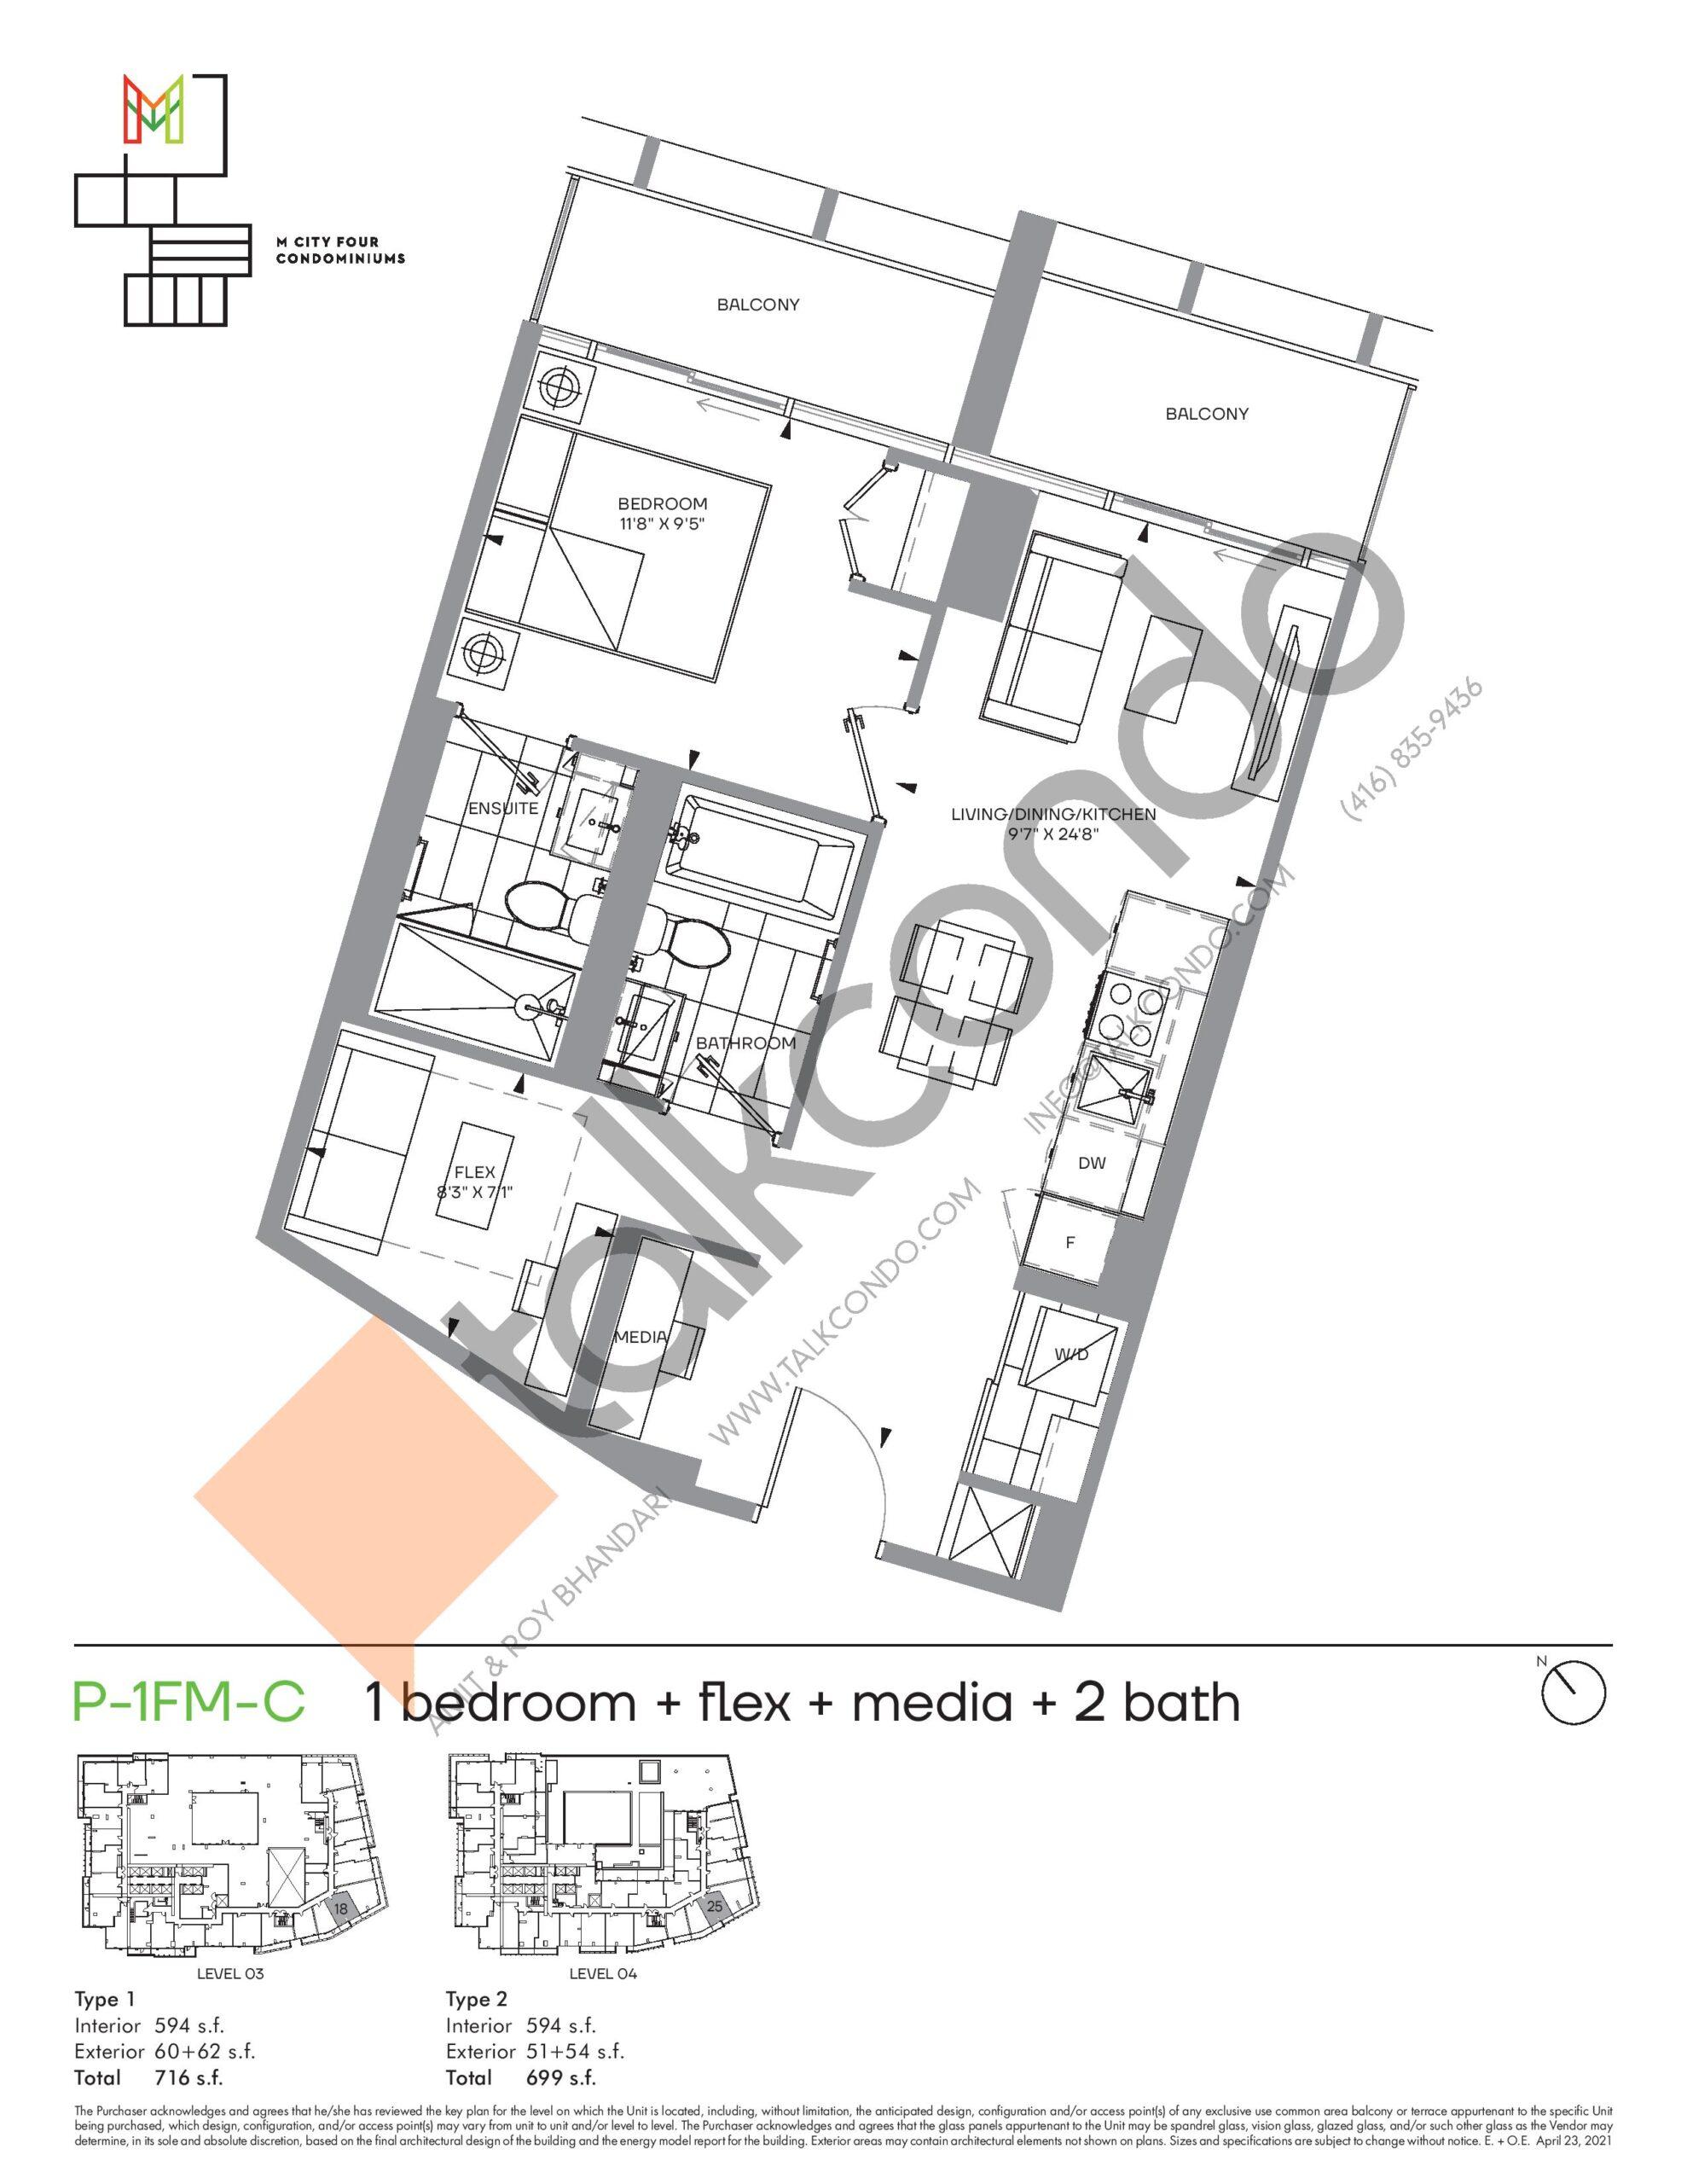 P-1FM-C (Podium) Floor Plan at M4 Condos - 594 sq.ft